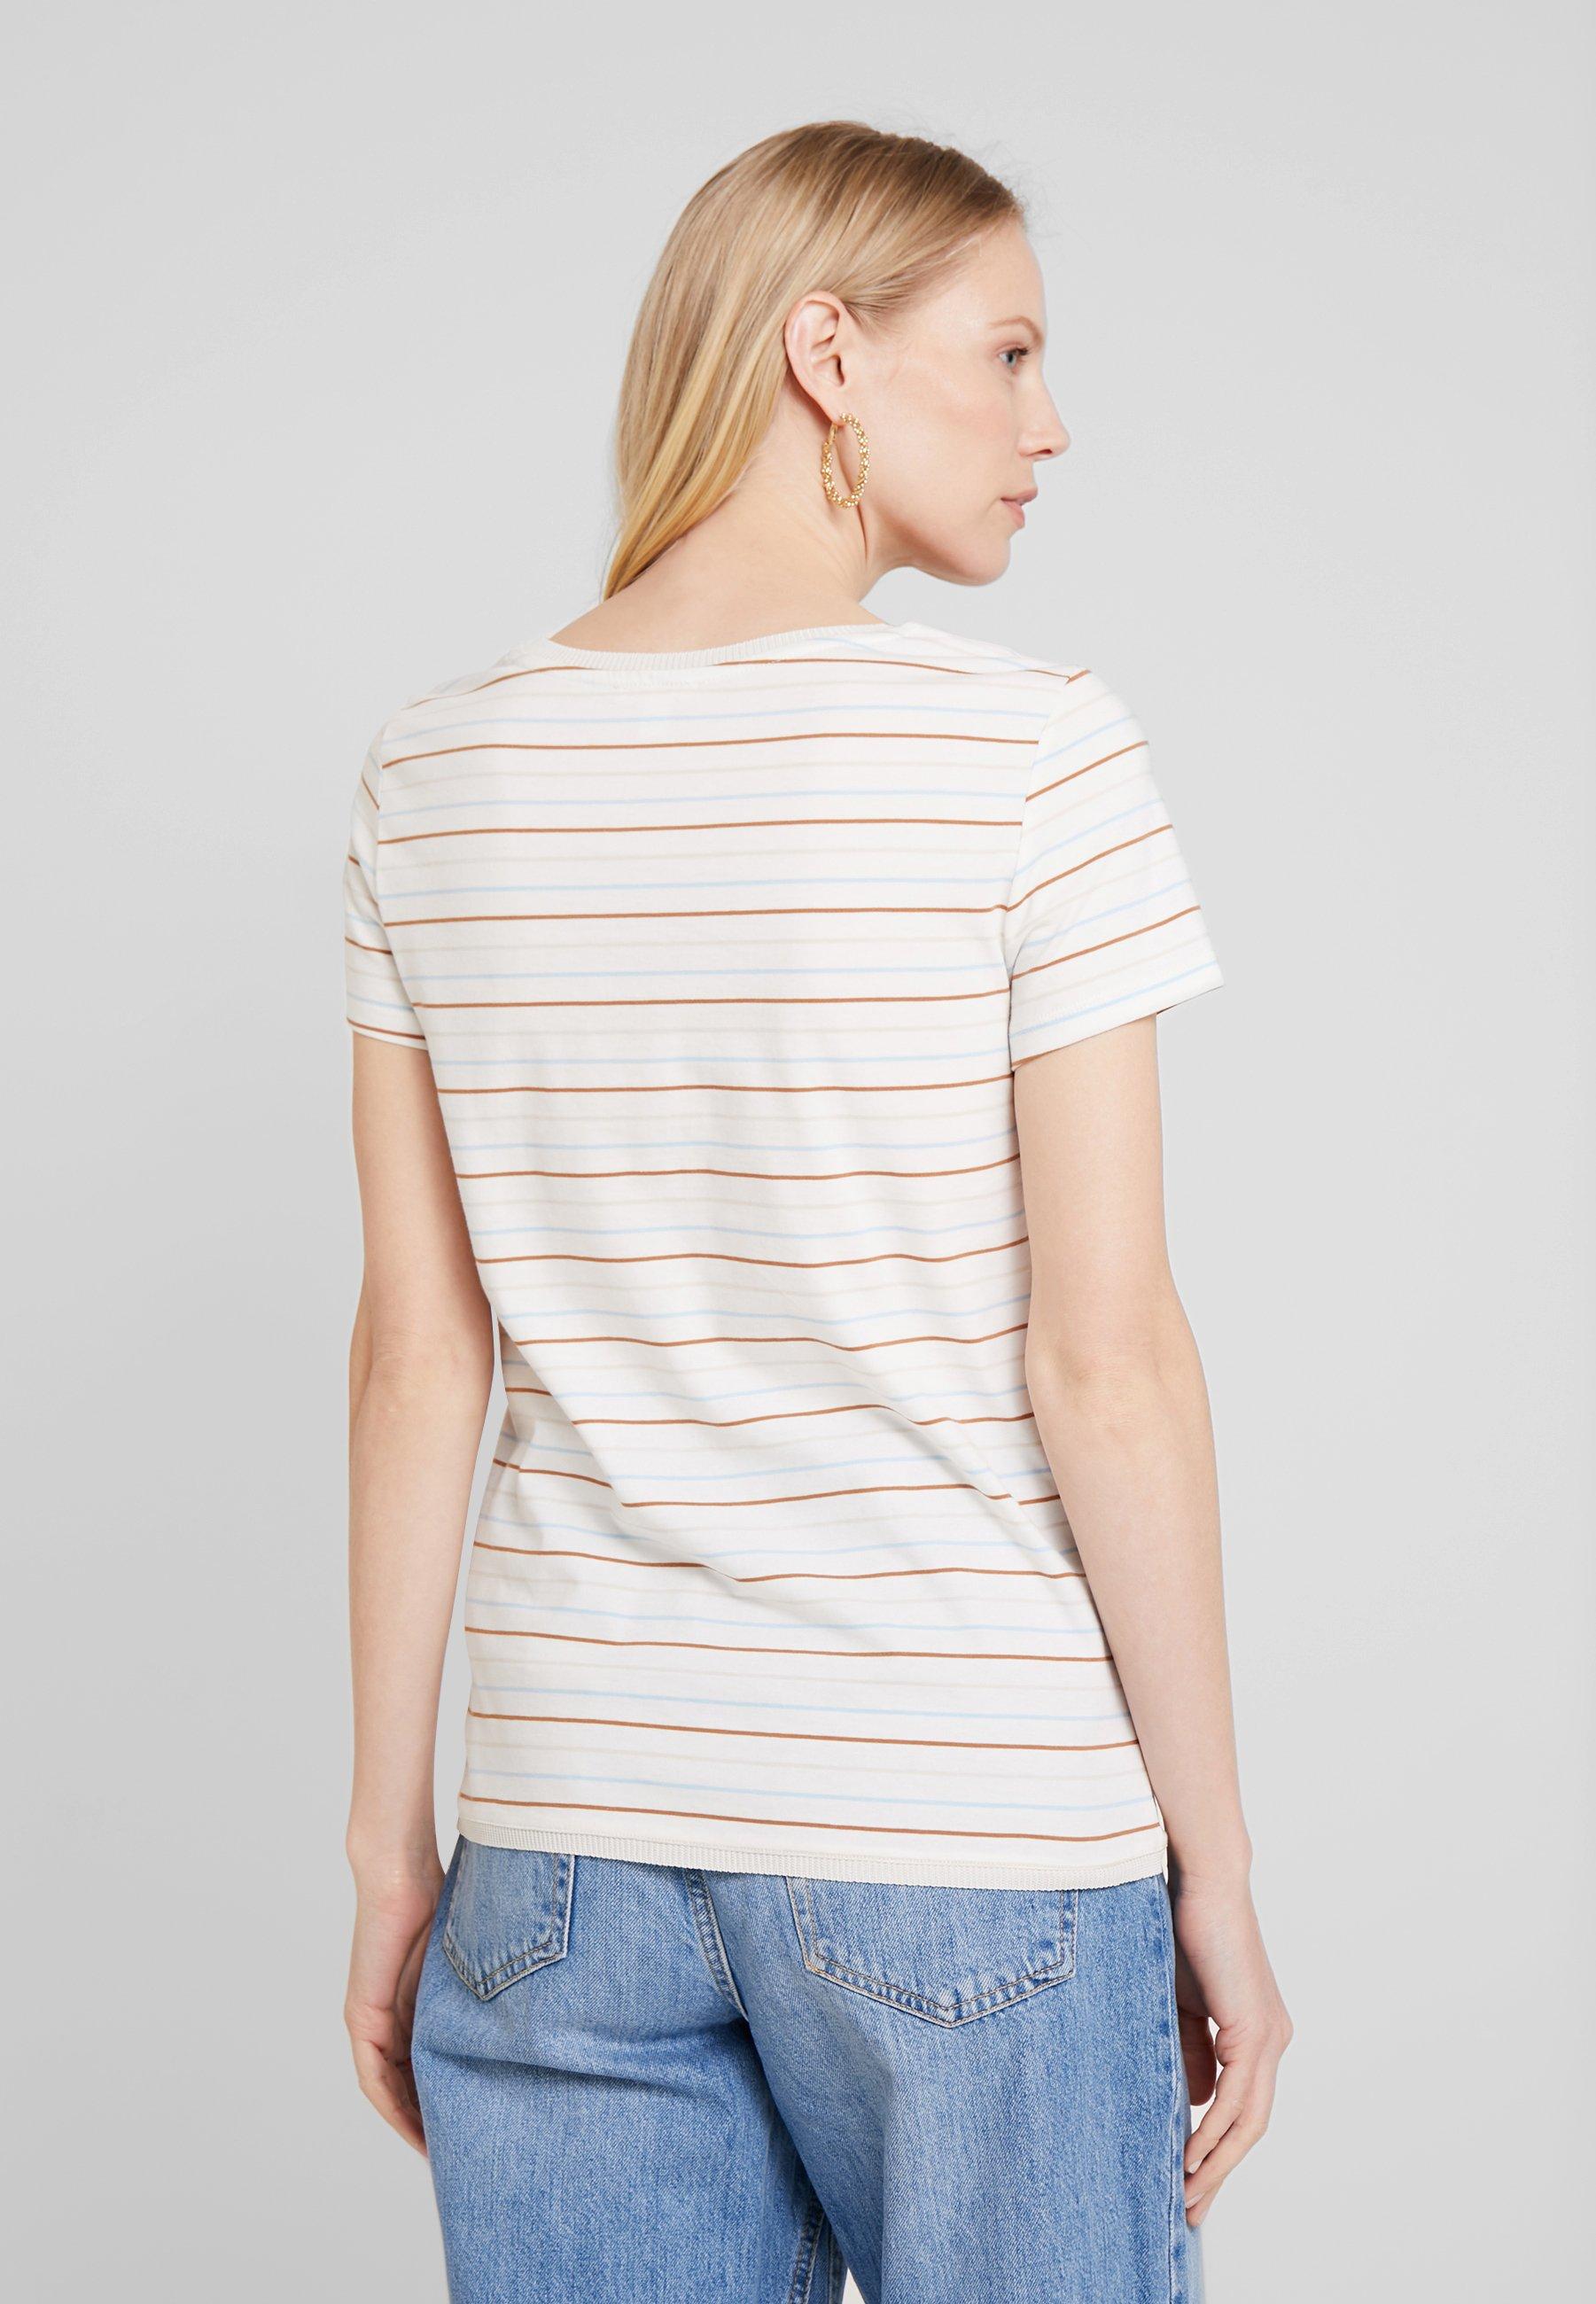 Esprit EmbroT Off White shirt Imprimé uOTPXkZi